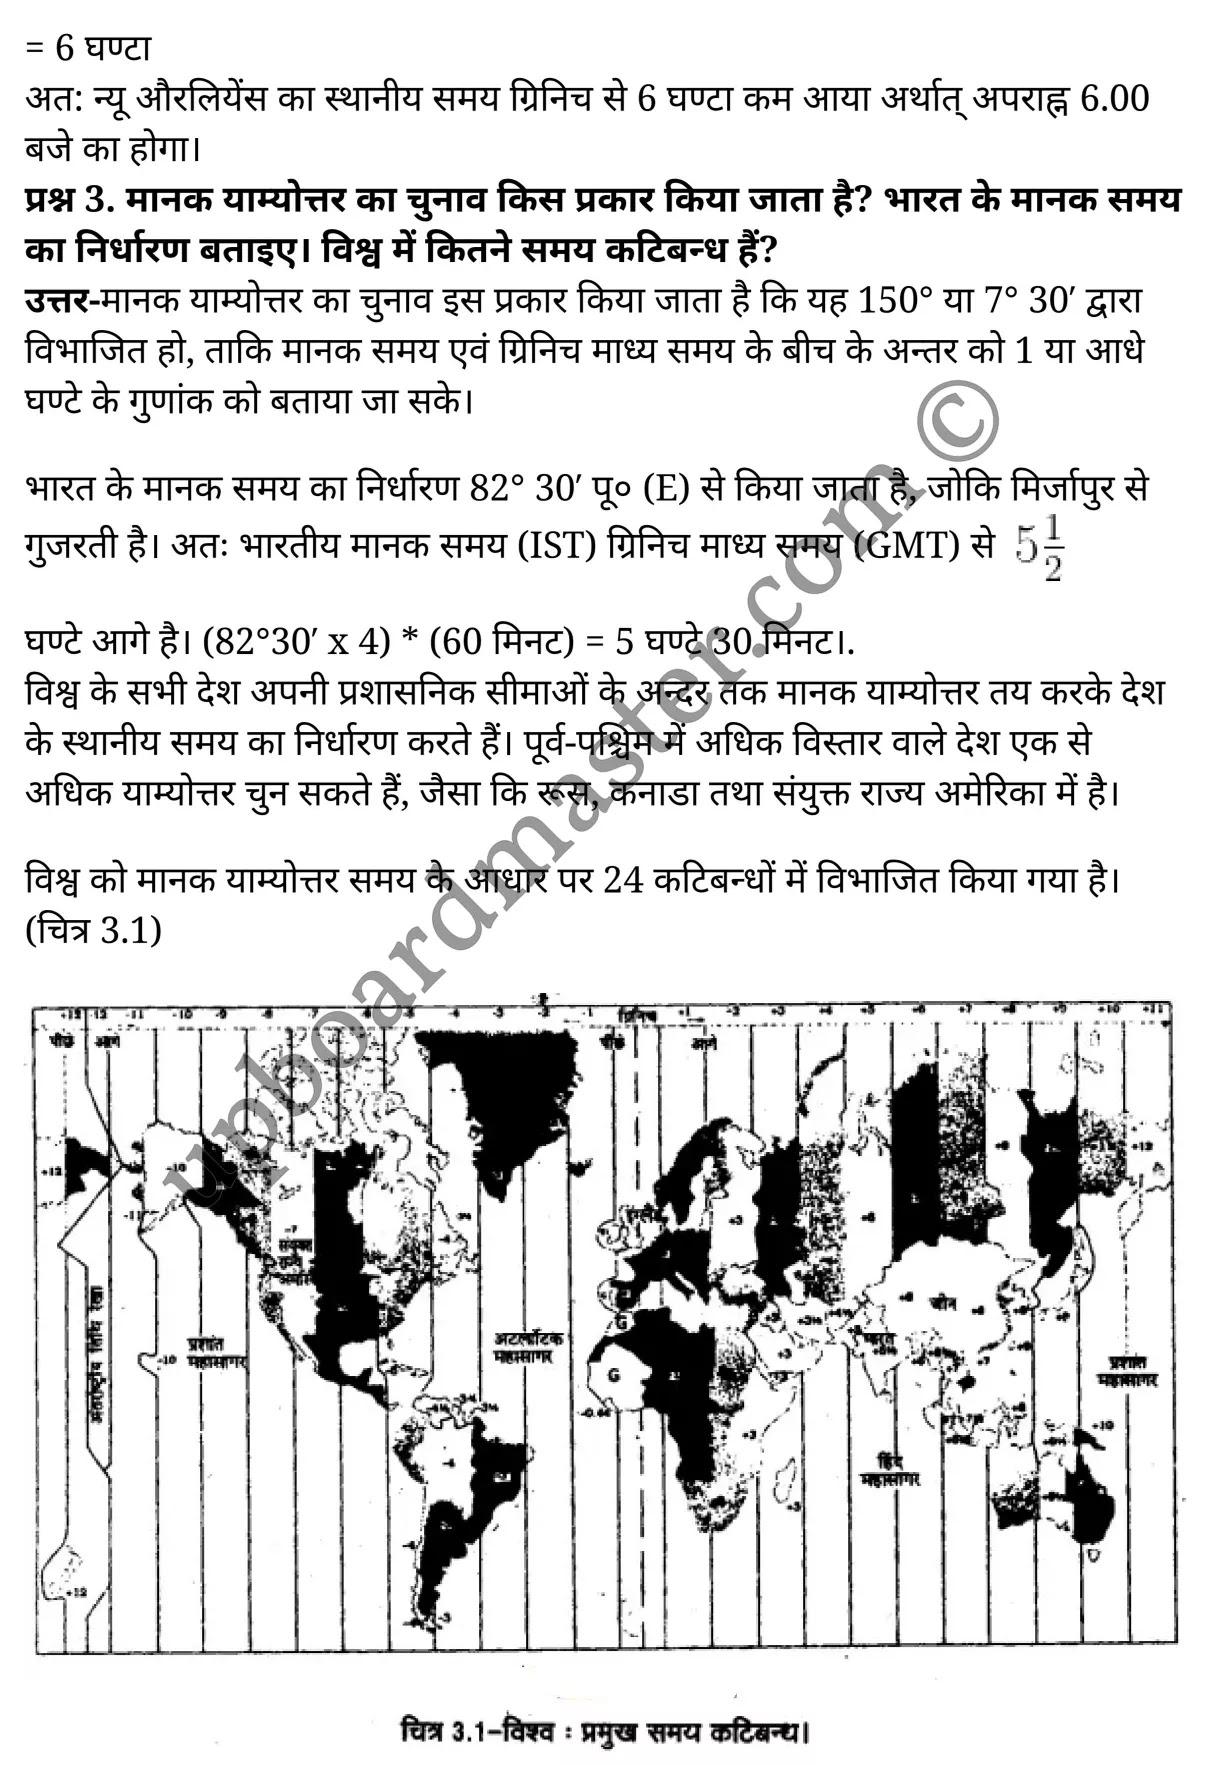 कक्षा 11 भूगोल  व्यावहारिक कार्य अध्याय 3  के नोट्स  हिंदी में एनसीईआरटी समाधान,   class 11 geography chapter 3,  class 11 geography chapter 3 ncert solutions in geography,  class 11 geography chapter 3 notes in hindi,  class 11 geography chapter 3 question answer,  class 11 geography  chapter 3 notes,  class 11 geography  chapter 3 class 11 geography  chapter 3 in  hindi,   class 11 geography chapter 3 important questions in  hindi,  class 11 geography hindi  chapter 3 notes in hindi,   class 11 geography  chapter 3 test,  class 11 geography  chapter 3 class 11 geography  chapter 3 pdf,  class 11 geography chapter 3 notes pdf,  class 11 geography  chapter 3 exercise solutions,  class 11 geography  chapter 3, class 11 geography  chapter 3 notes study rankers,  class 11 geography  chapter 3 notes,  class 11 geography hindi  chapter 3 notes,   class 11 geography chapter 3  class 11  notes pdf,  class 11 geography  chapter 3 class 11  notes  ncert,  class 11 geography  chapter 3 class 11 pdf,  class 11 geography chapter 3  book,  class 11 geography chapter 3 quiz class 11  ,     11  th class 11 geography chapter 3    book up board,   up board 11  th class 11 geography chapter 3 notes,  class 11 Geography  Practical Work chapter 3,  class 11 Geography  Practical Work chapter 3 ncert solutions in geography,  class 11 Geography  Practical Work chapter 3 notes in hindi,  class 11 Geography  Practical Work chapter 3 question answer,  class 11 Geography  Practical Work  chapter 3 notes,  class 11 Geography  Practical Work  chapter 3 class 11 geography  chapter 3 in  hindi,   class 11 Geography  Practical Work chapter 3 important questions in  hindi,  class 11 Geography  Practical Work  chapter 3 notes in hindi,   class 11 Geography  Practical Work  chapter 3 test,  class 11 Geography  Practical Work  chapter 3 class 11 geography  chapter 3 pdf,  class 11 Geography  Practical Work chapter 3 notes pdf,  class 11 Geography  Practical Work  chapter 3 exercise solutions,  class 1